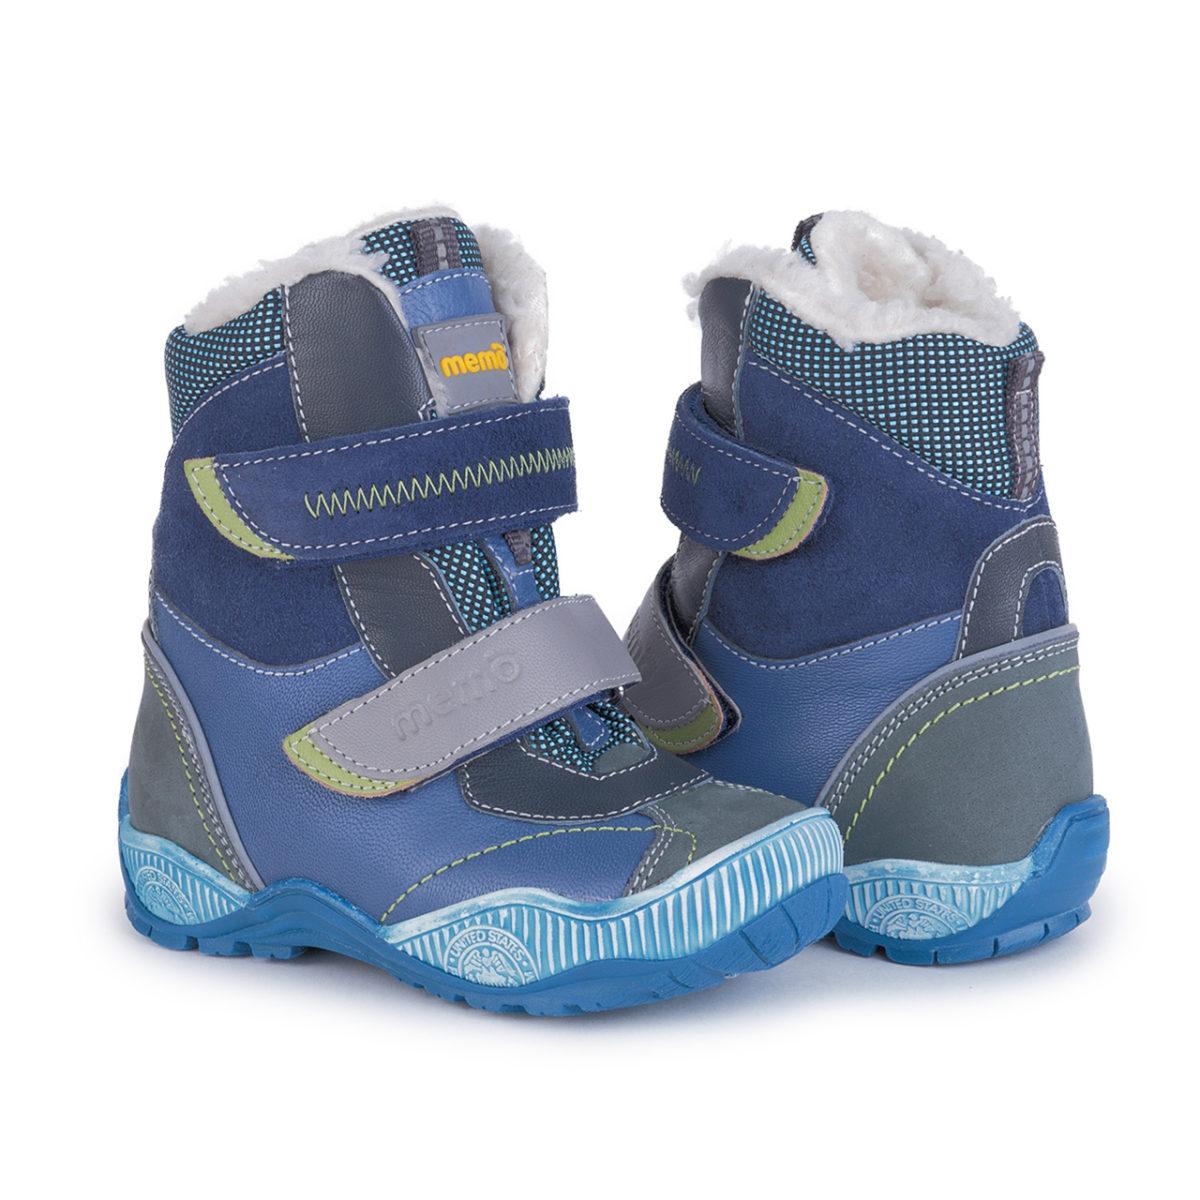 Jakie buty zimowe dla dziecka